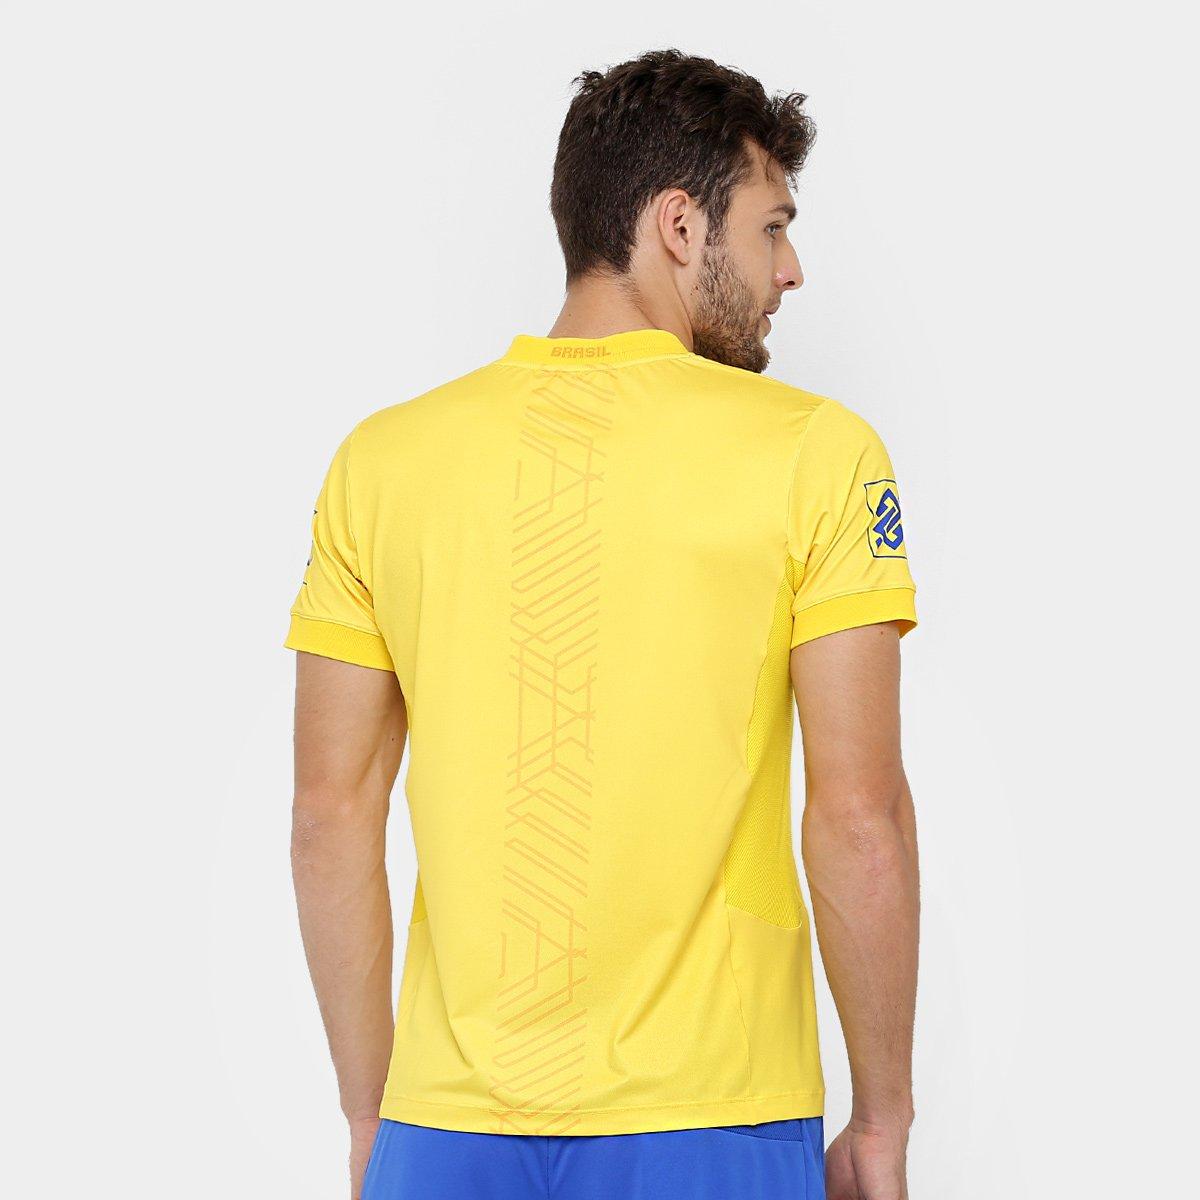 a2e8e1fd74 Camiseta Vôlei Asics Oficial Jogo CBV - Compre Agora